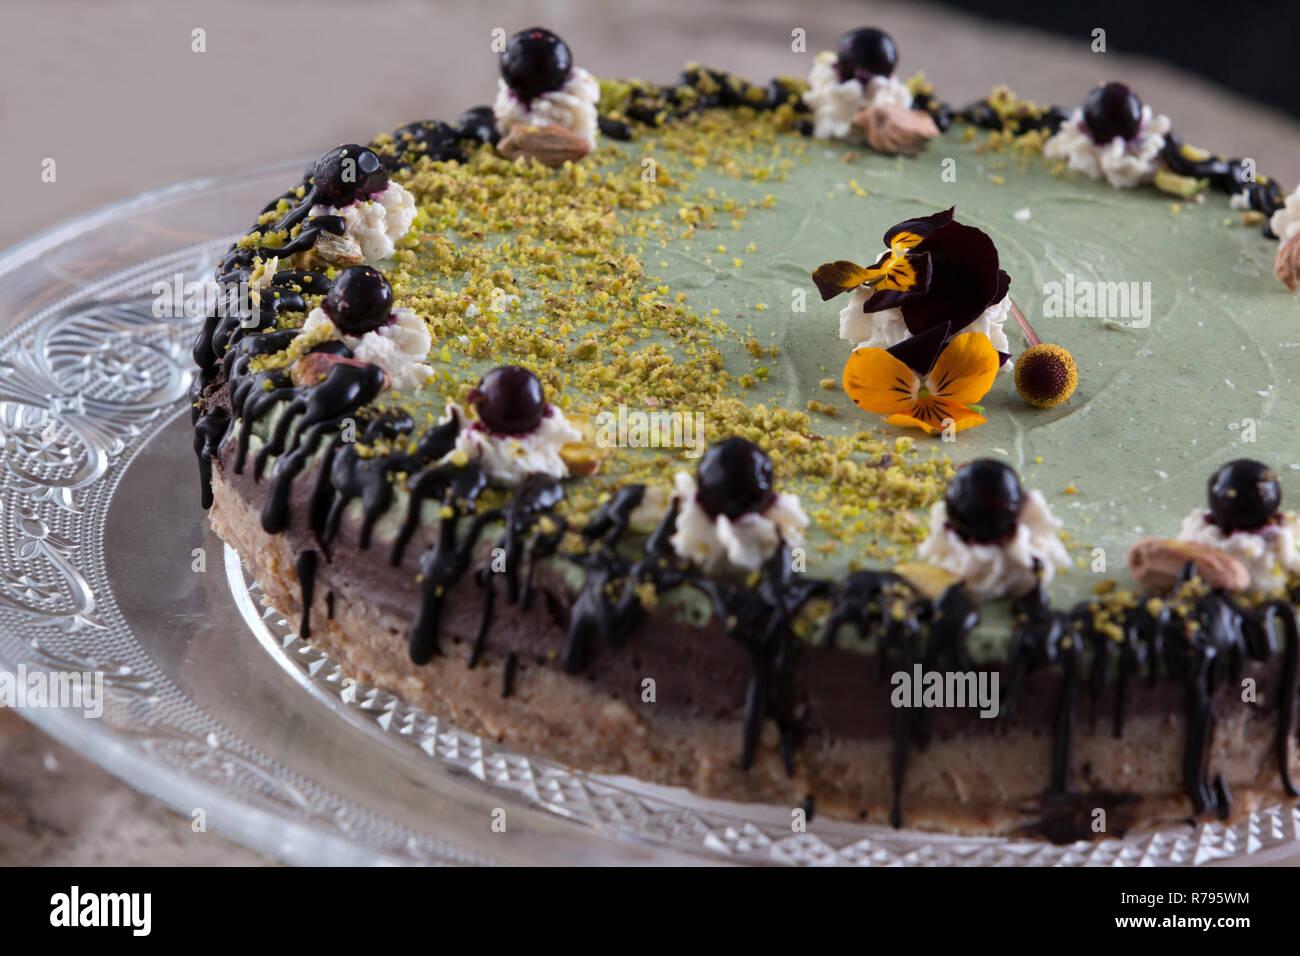 Kostliche Raw Vegan Kuchen Mit Schonen Verzierungen Stockfoto Bild